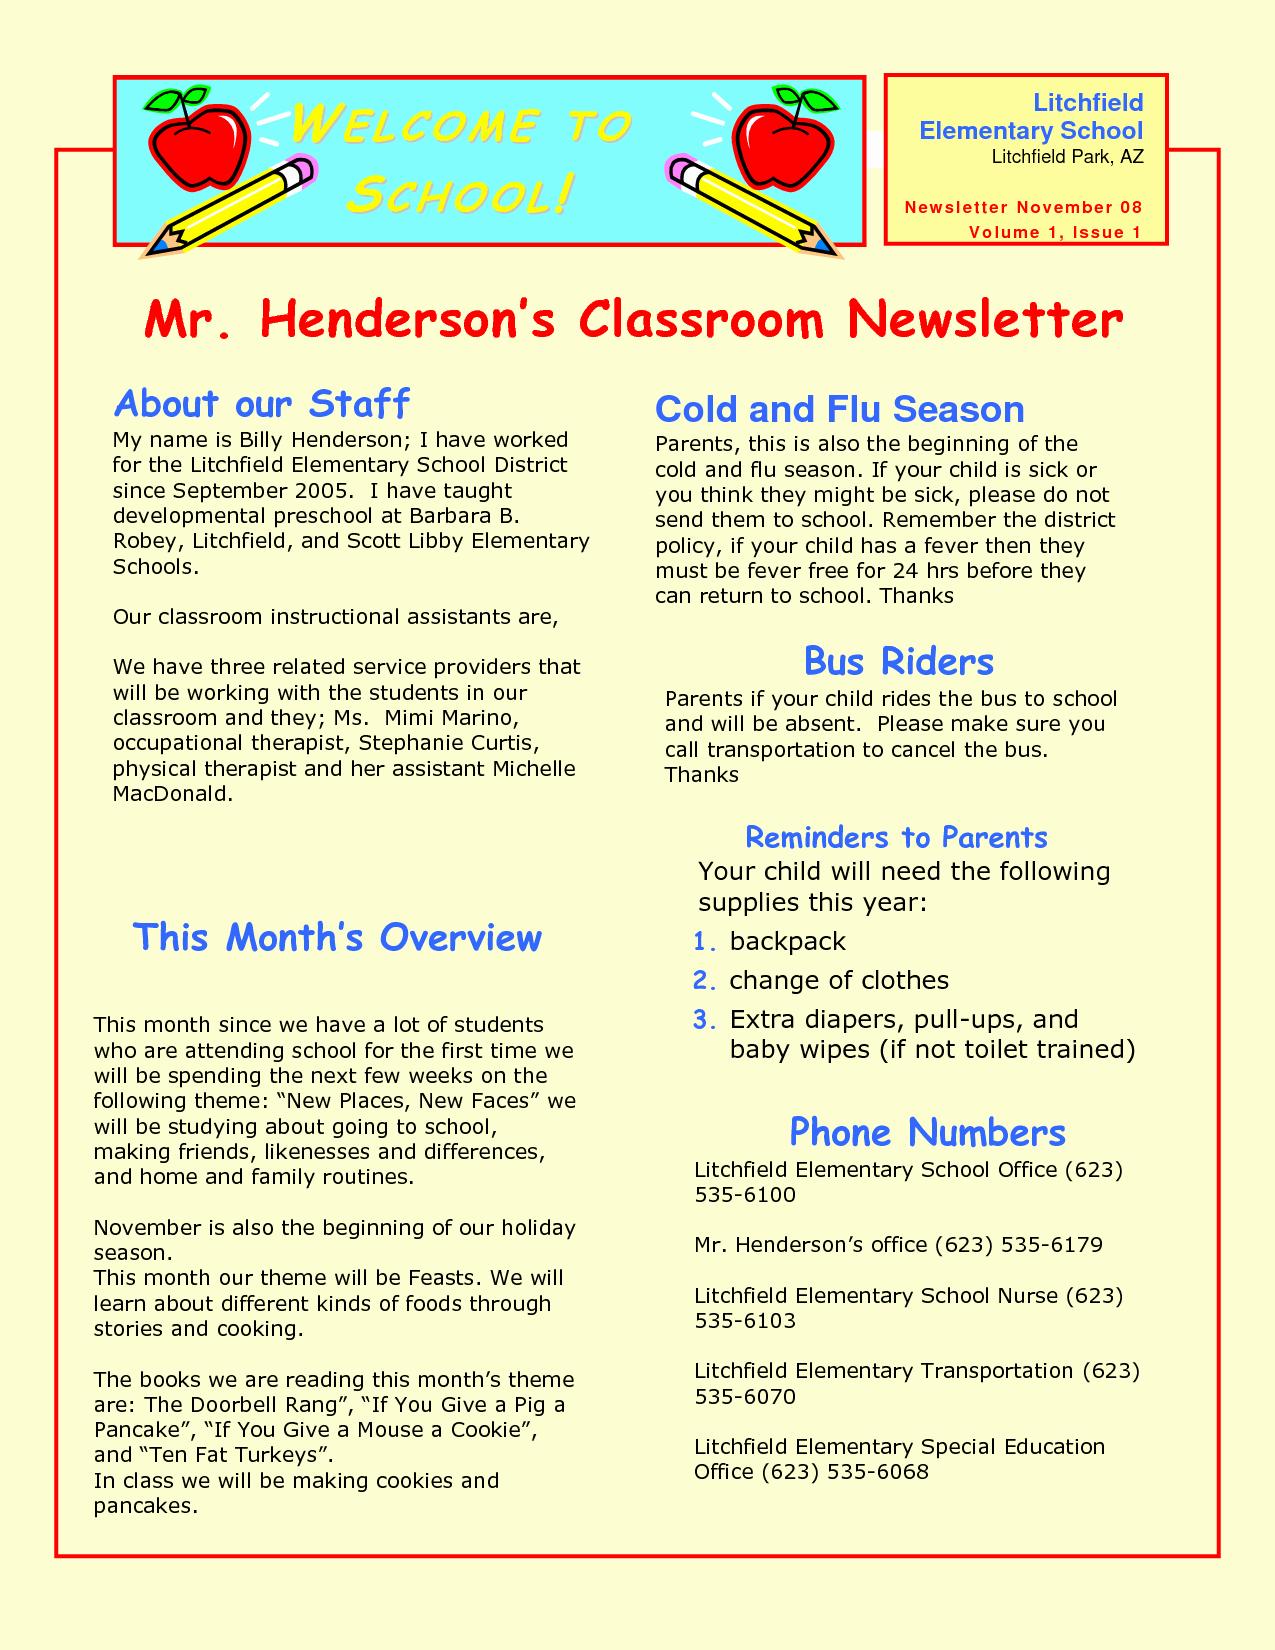 Newsletter Template for Preschool New Preschool Newsletter Samples